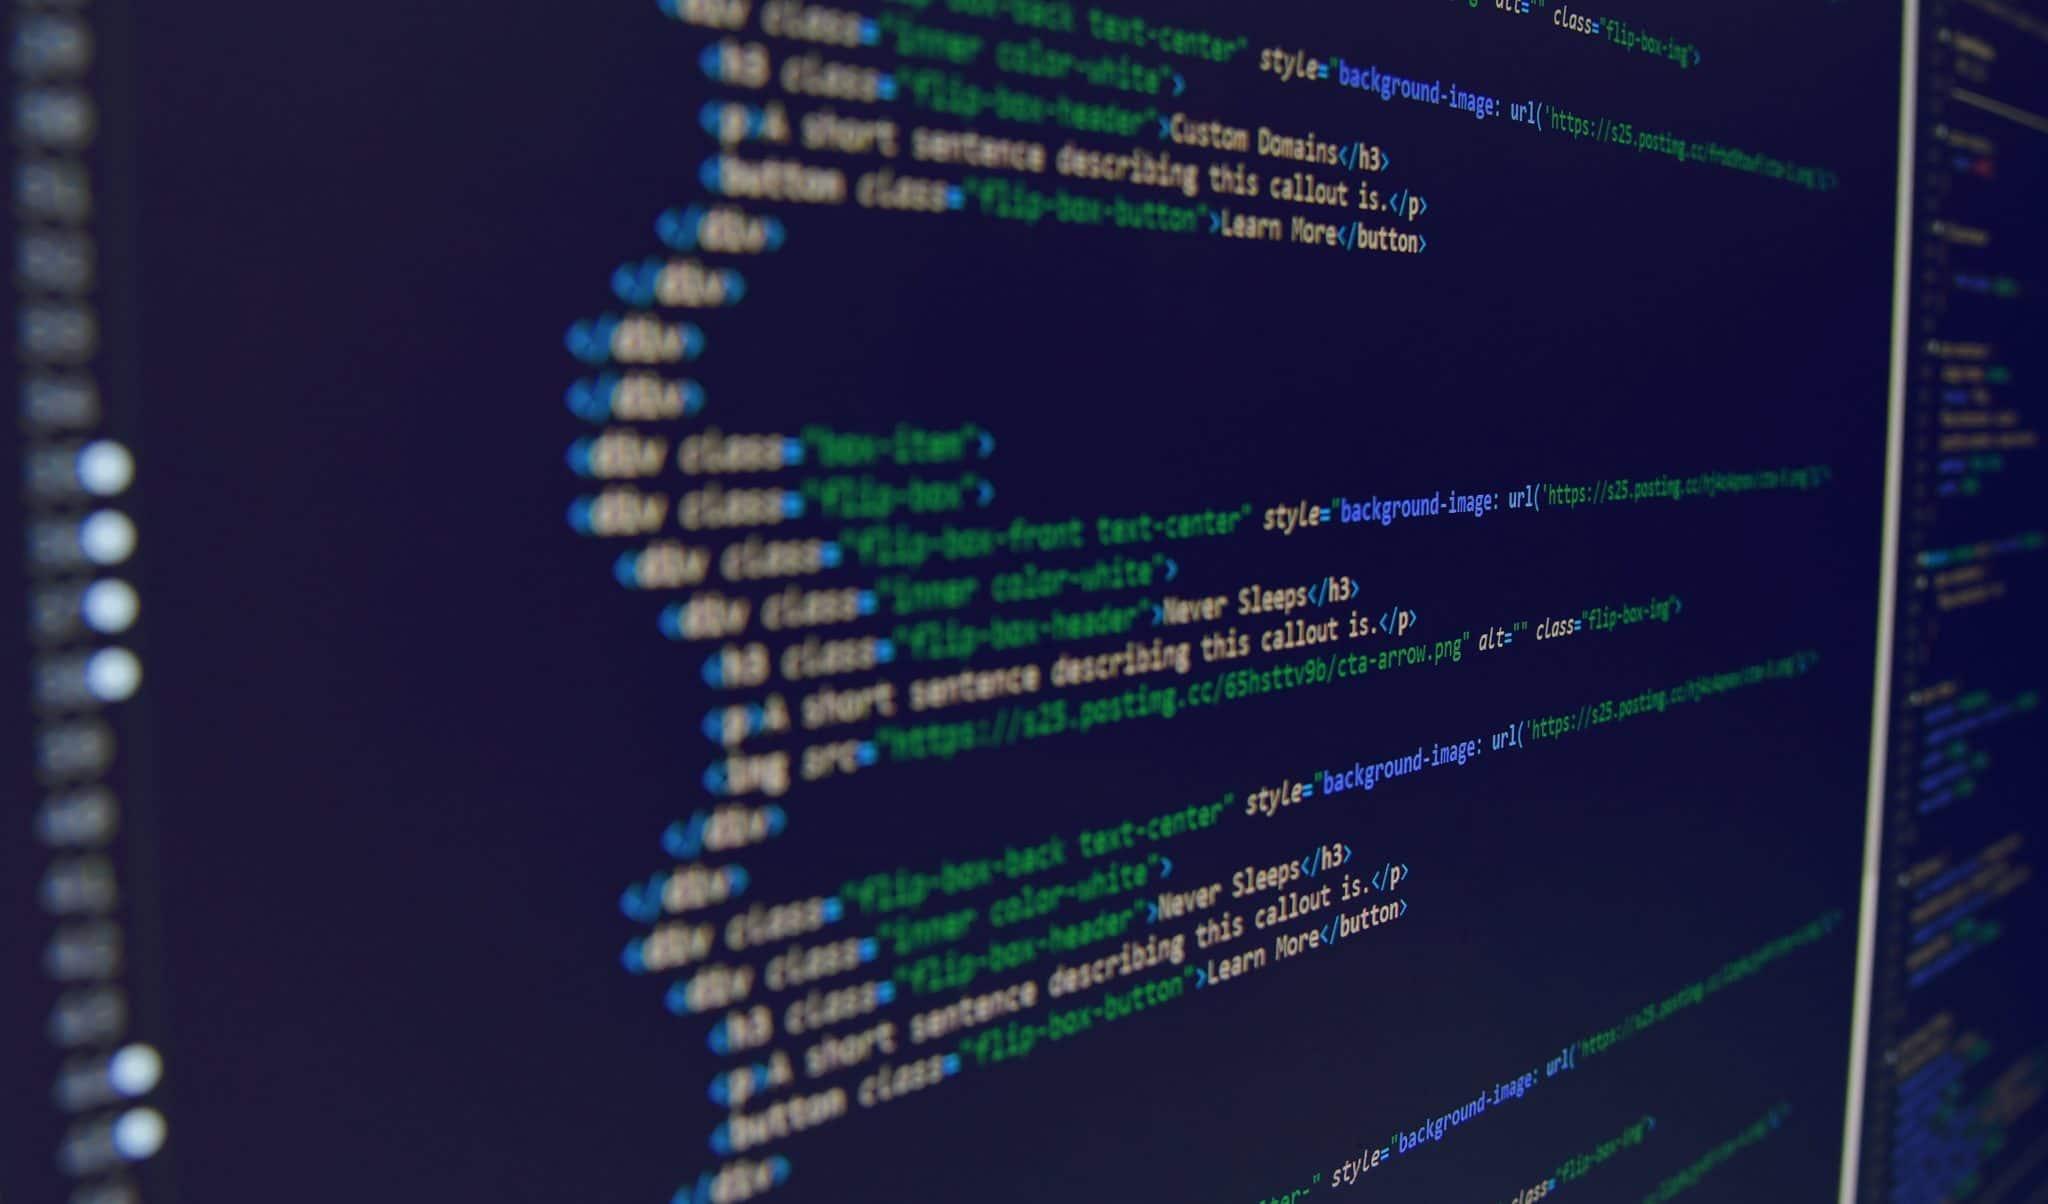 Tag h1 e p, elementi del testo in html